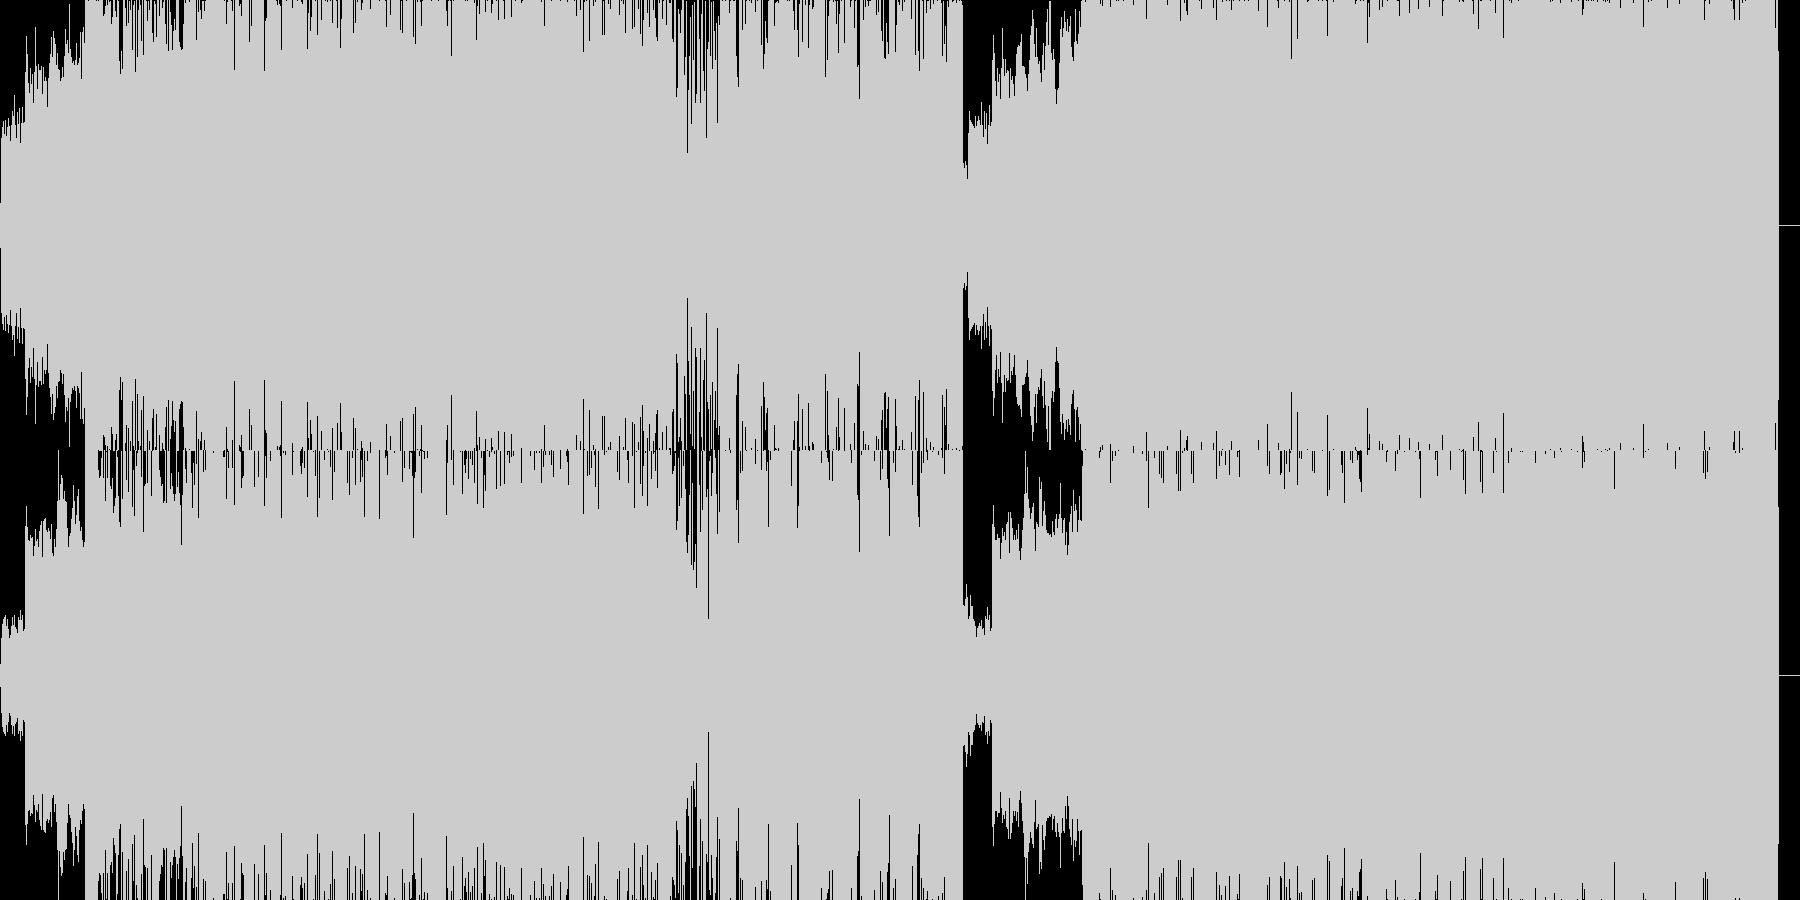 獣の遠吠のような音をノイズで押してくの未再生の波形